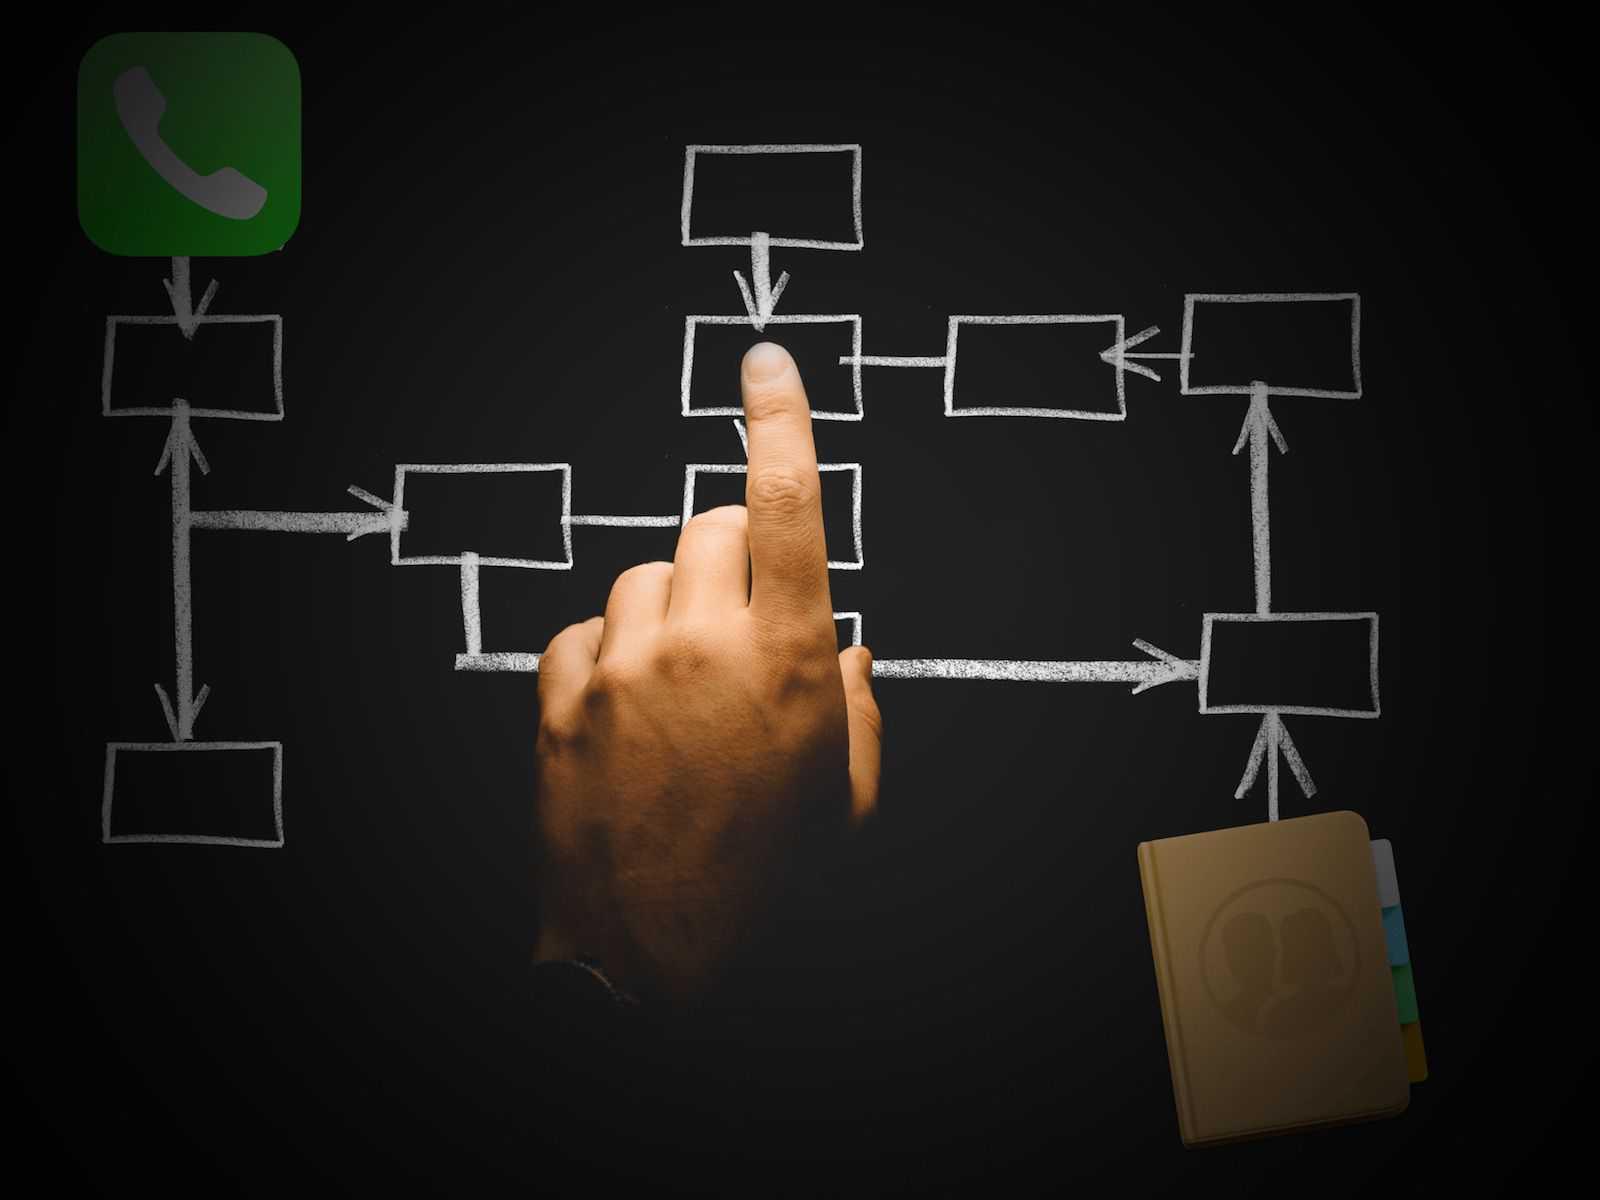 iPhone・Macの連絡先をグループに分ける方法アイキャッチ